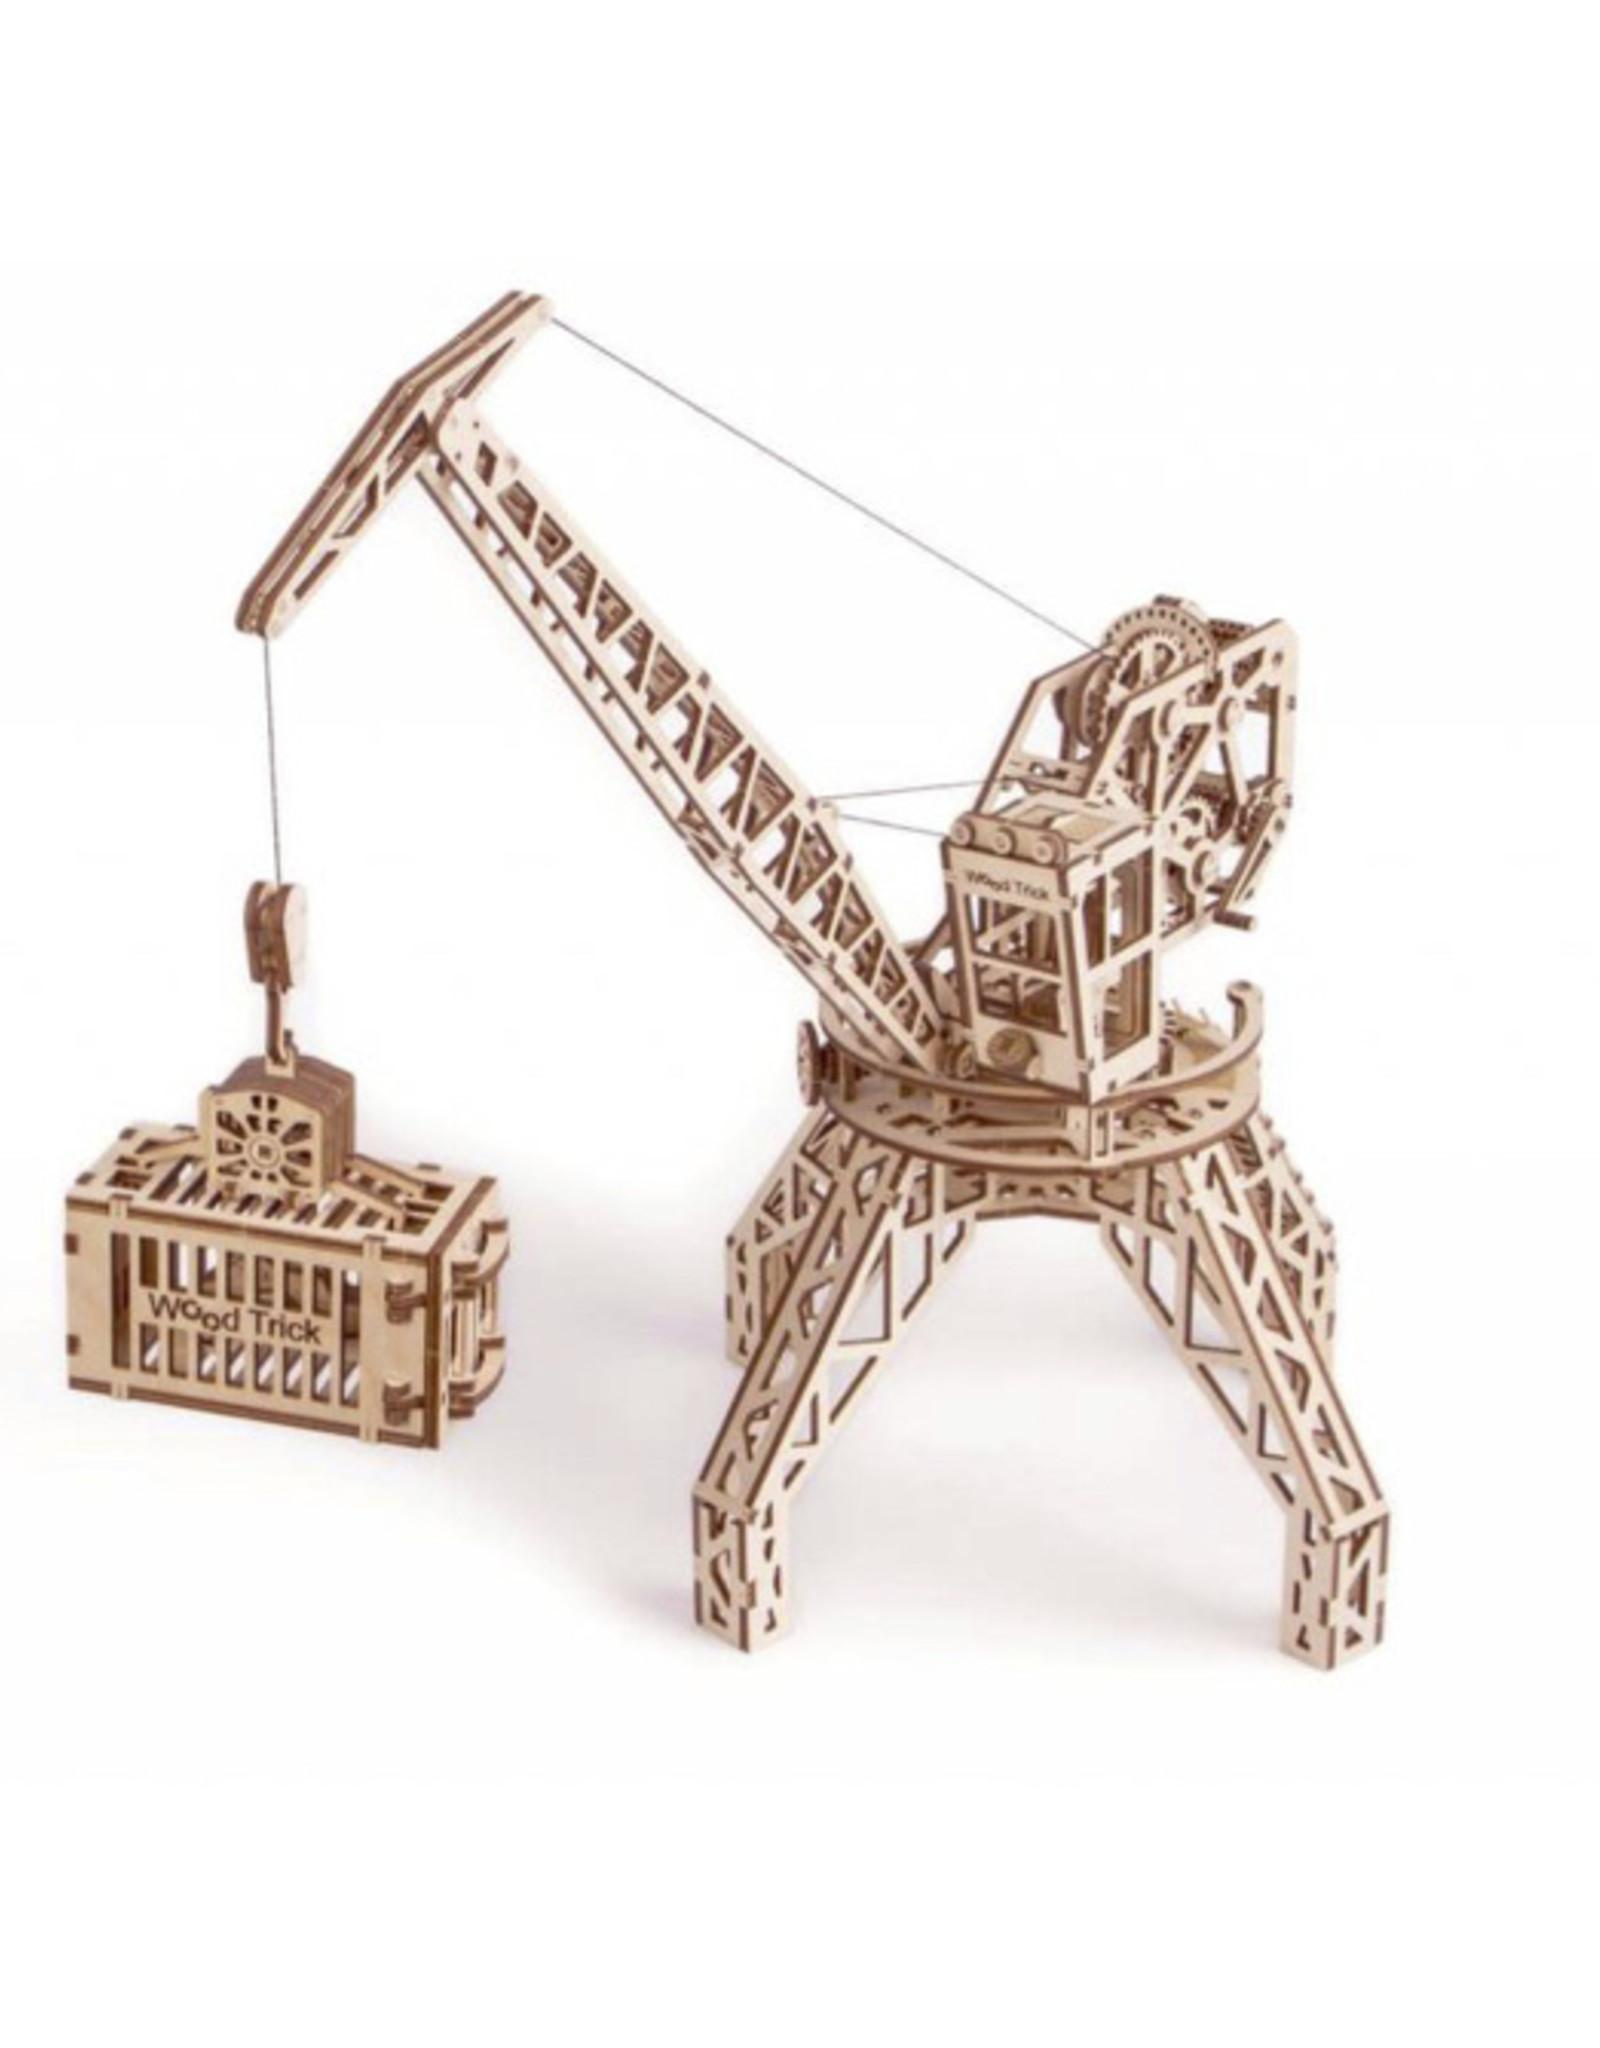 Wood Trick Wood Model- Crane